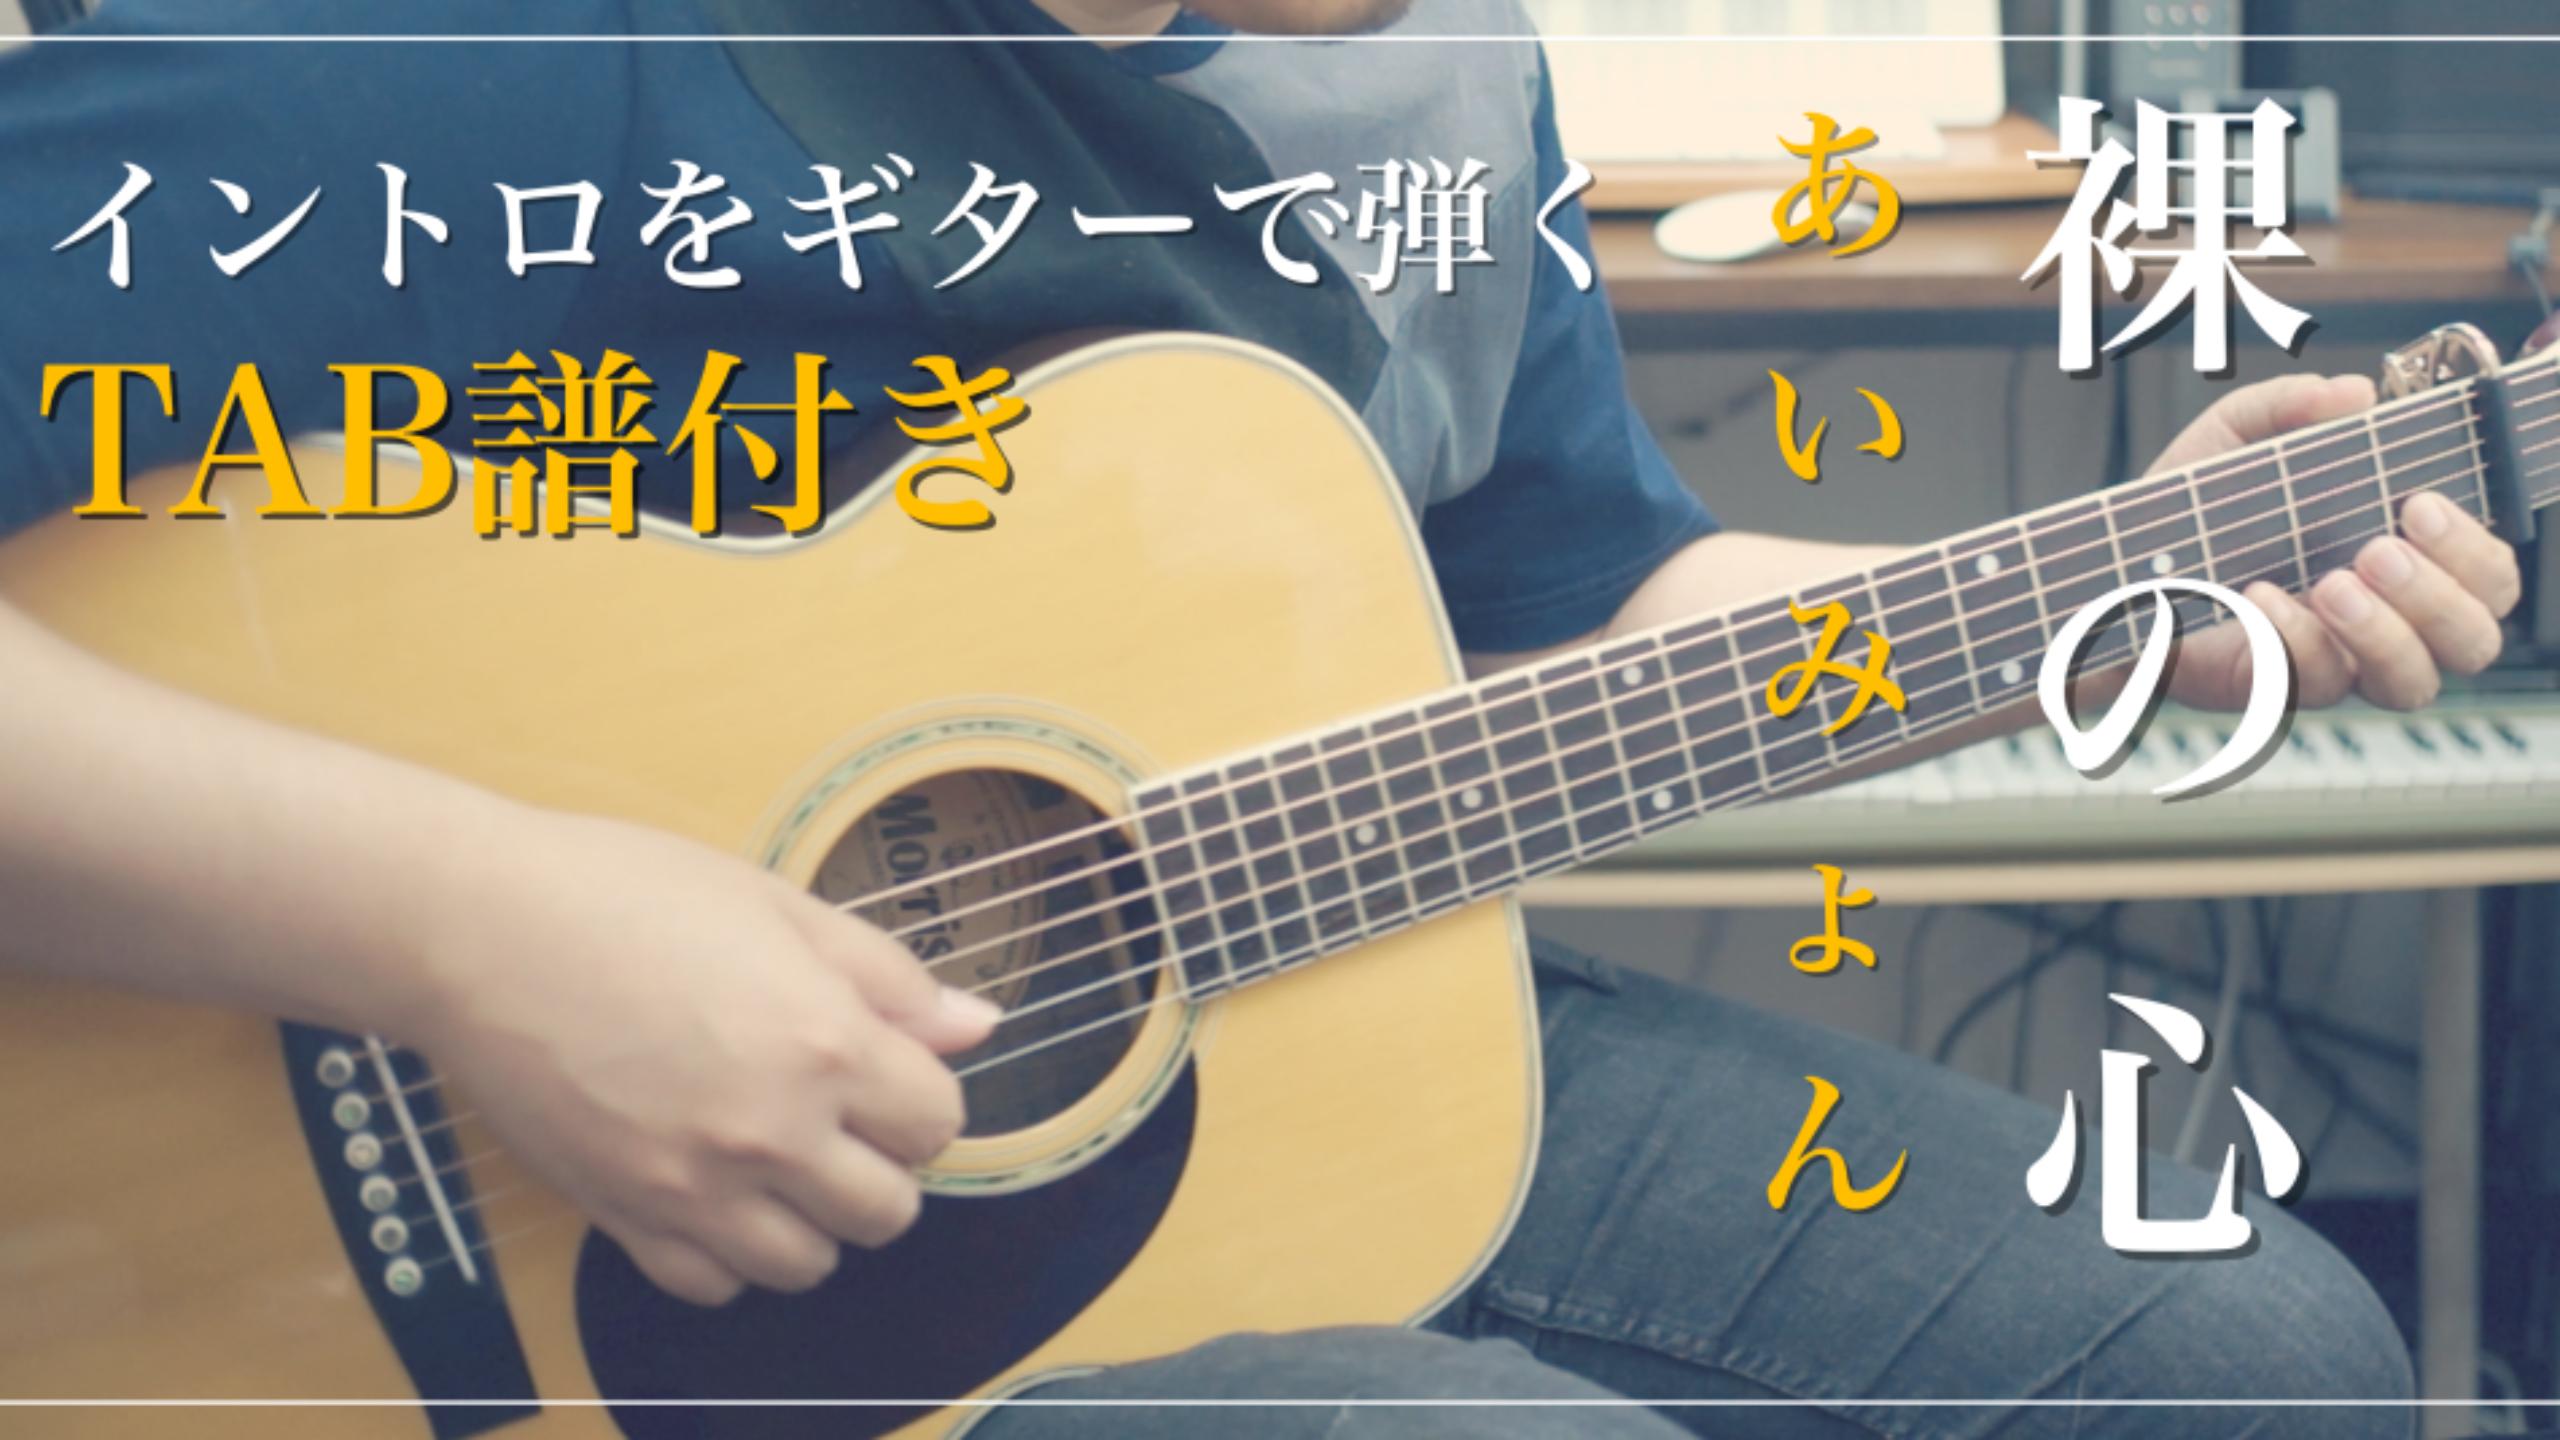 『裸の心 / あいみょん』イントロをギターで弾く【TAB譜付き】